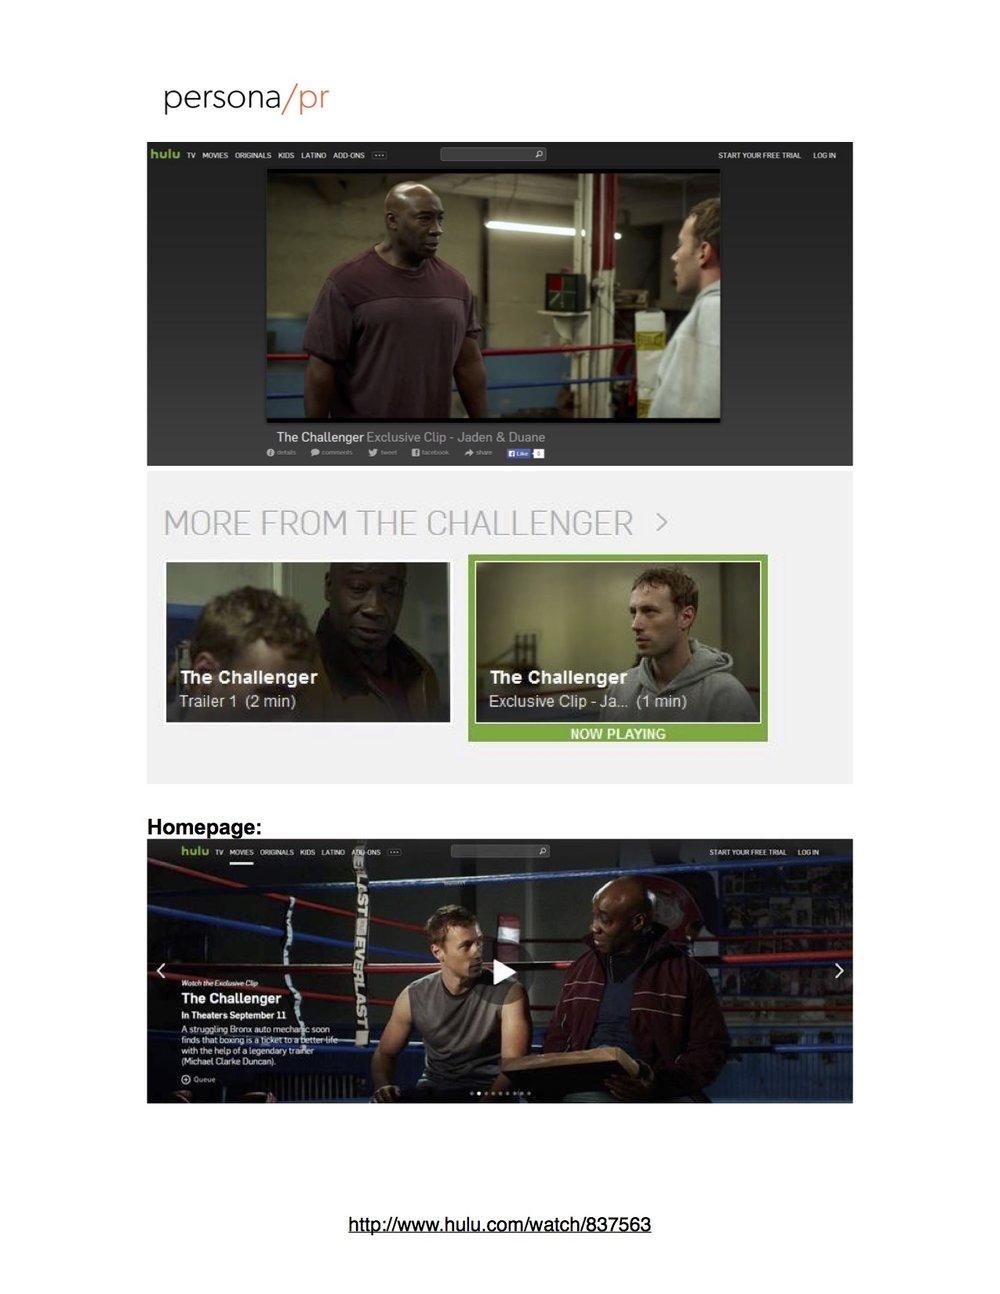 13 KentMoran-Hulu.com-8.31.15.jpg